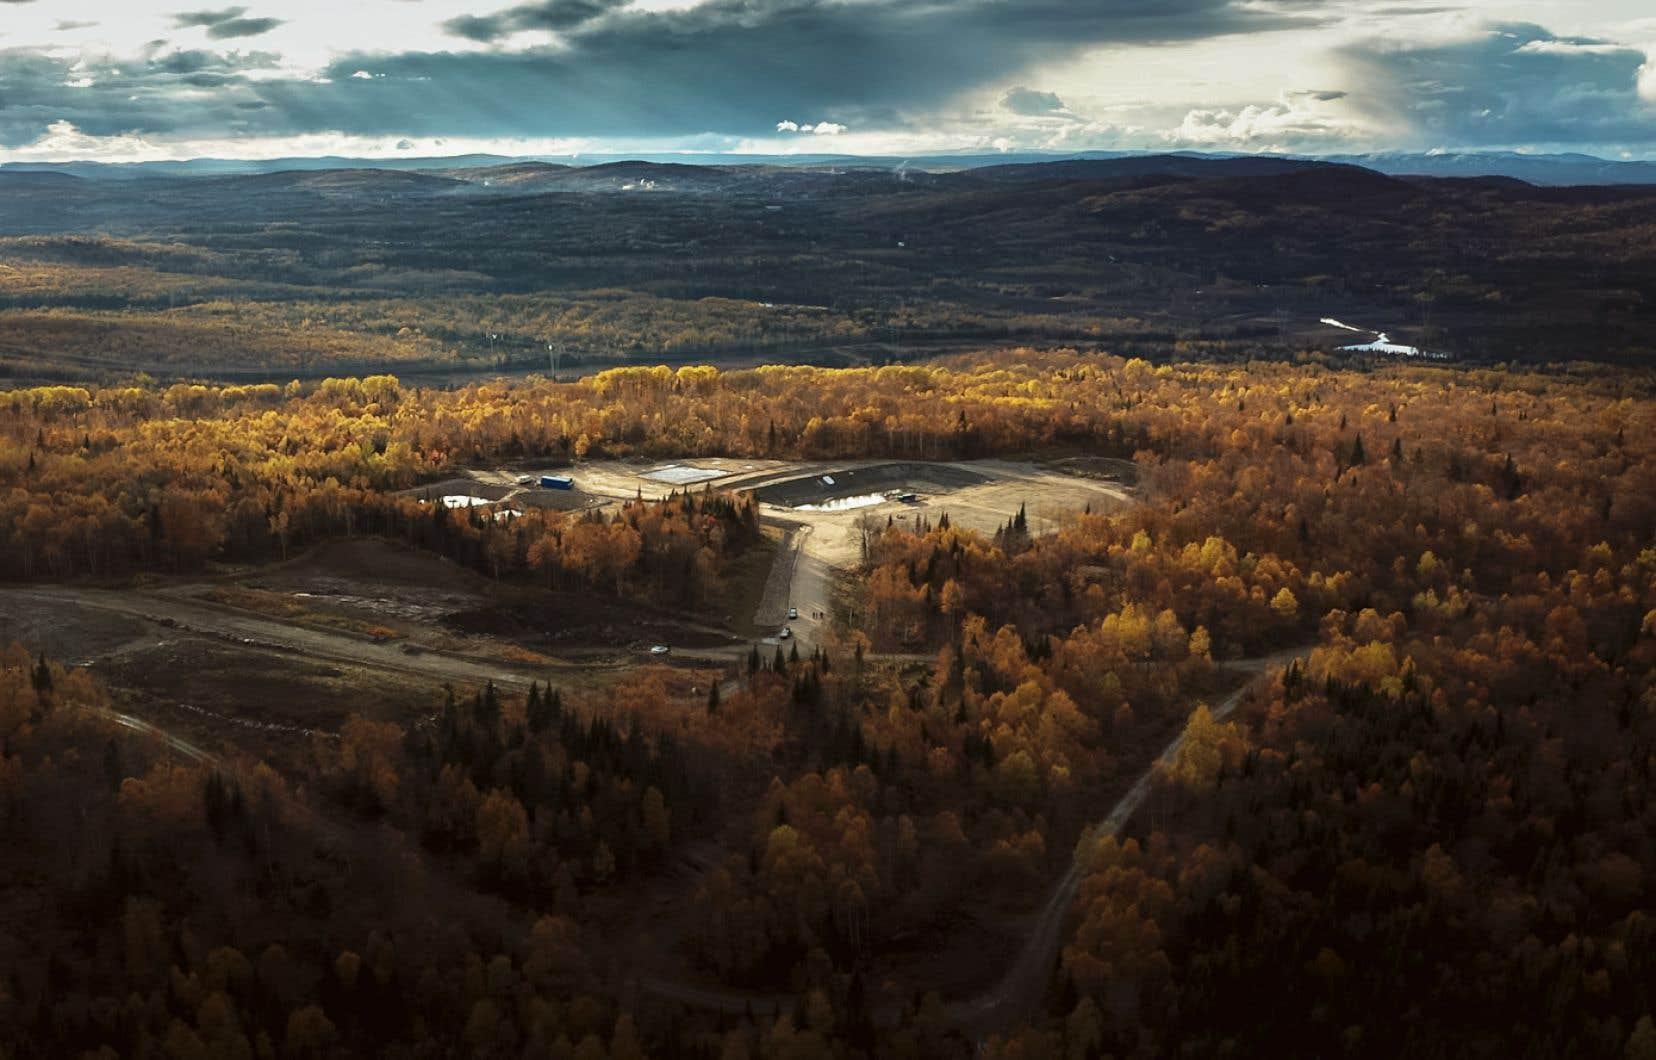 L'actuel site d'exploration minière de la compagnie Nouveau Monde Graphite, situé près de Saint-Michel-des-Saints, dans le nord de la région de Lanaudière, ferait place à la plus grande mine à ciel ouvert du sud du Québec.